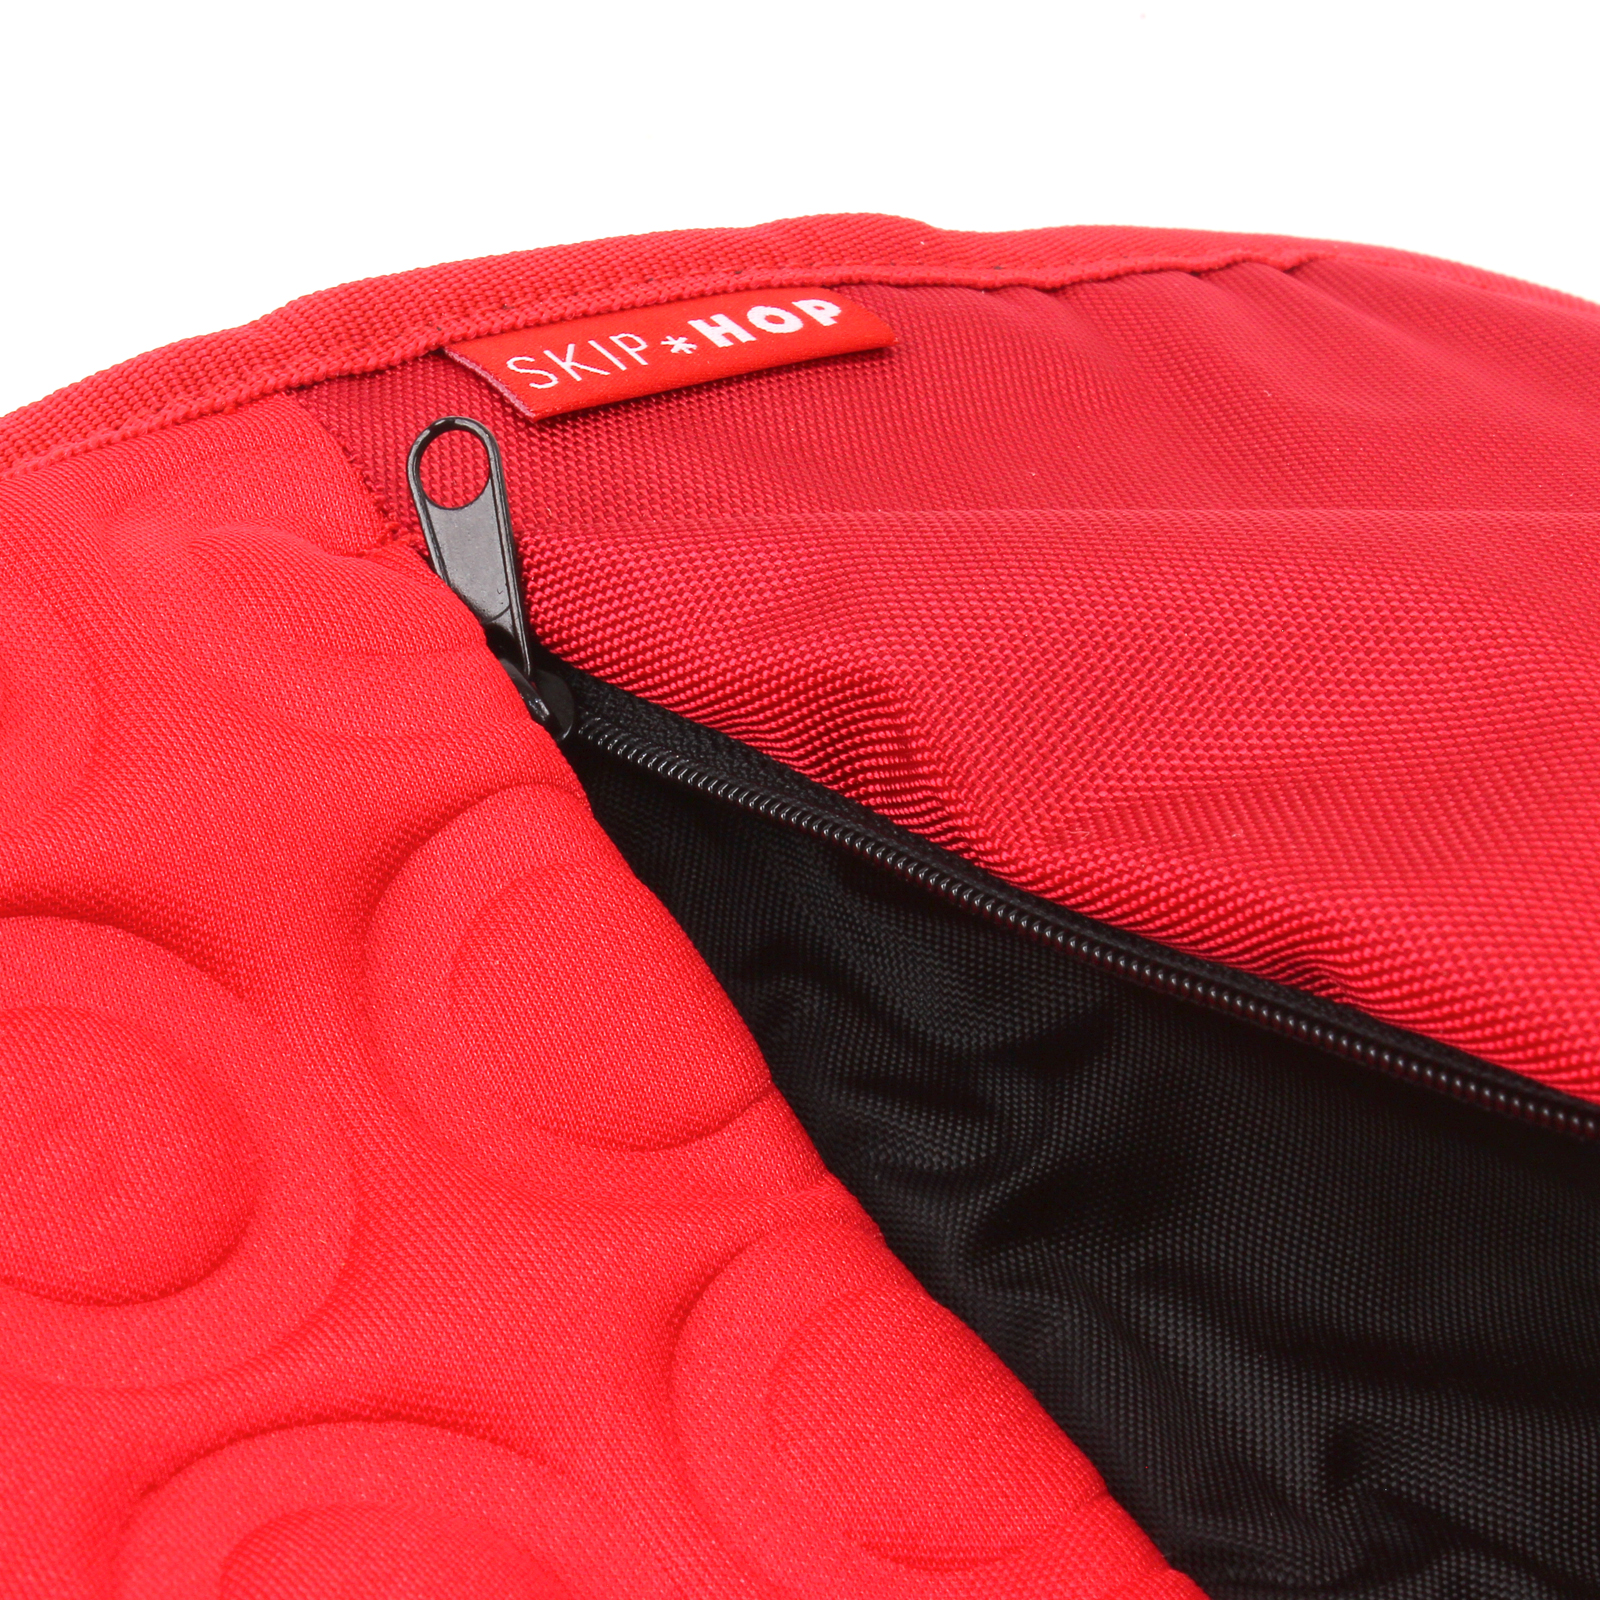 baby pushchair seat liner skip hop memory foam car pram cover stroller red ebay. Black Bedroom Furniture Sets. Home Design Ideas